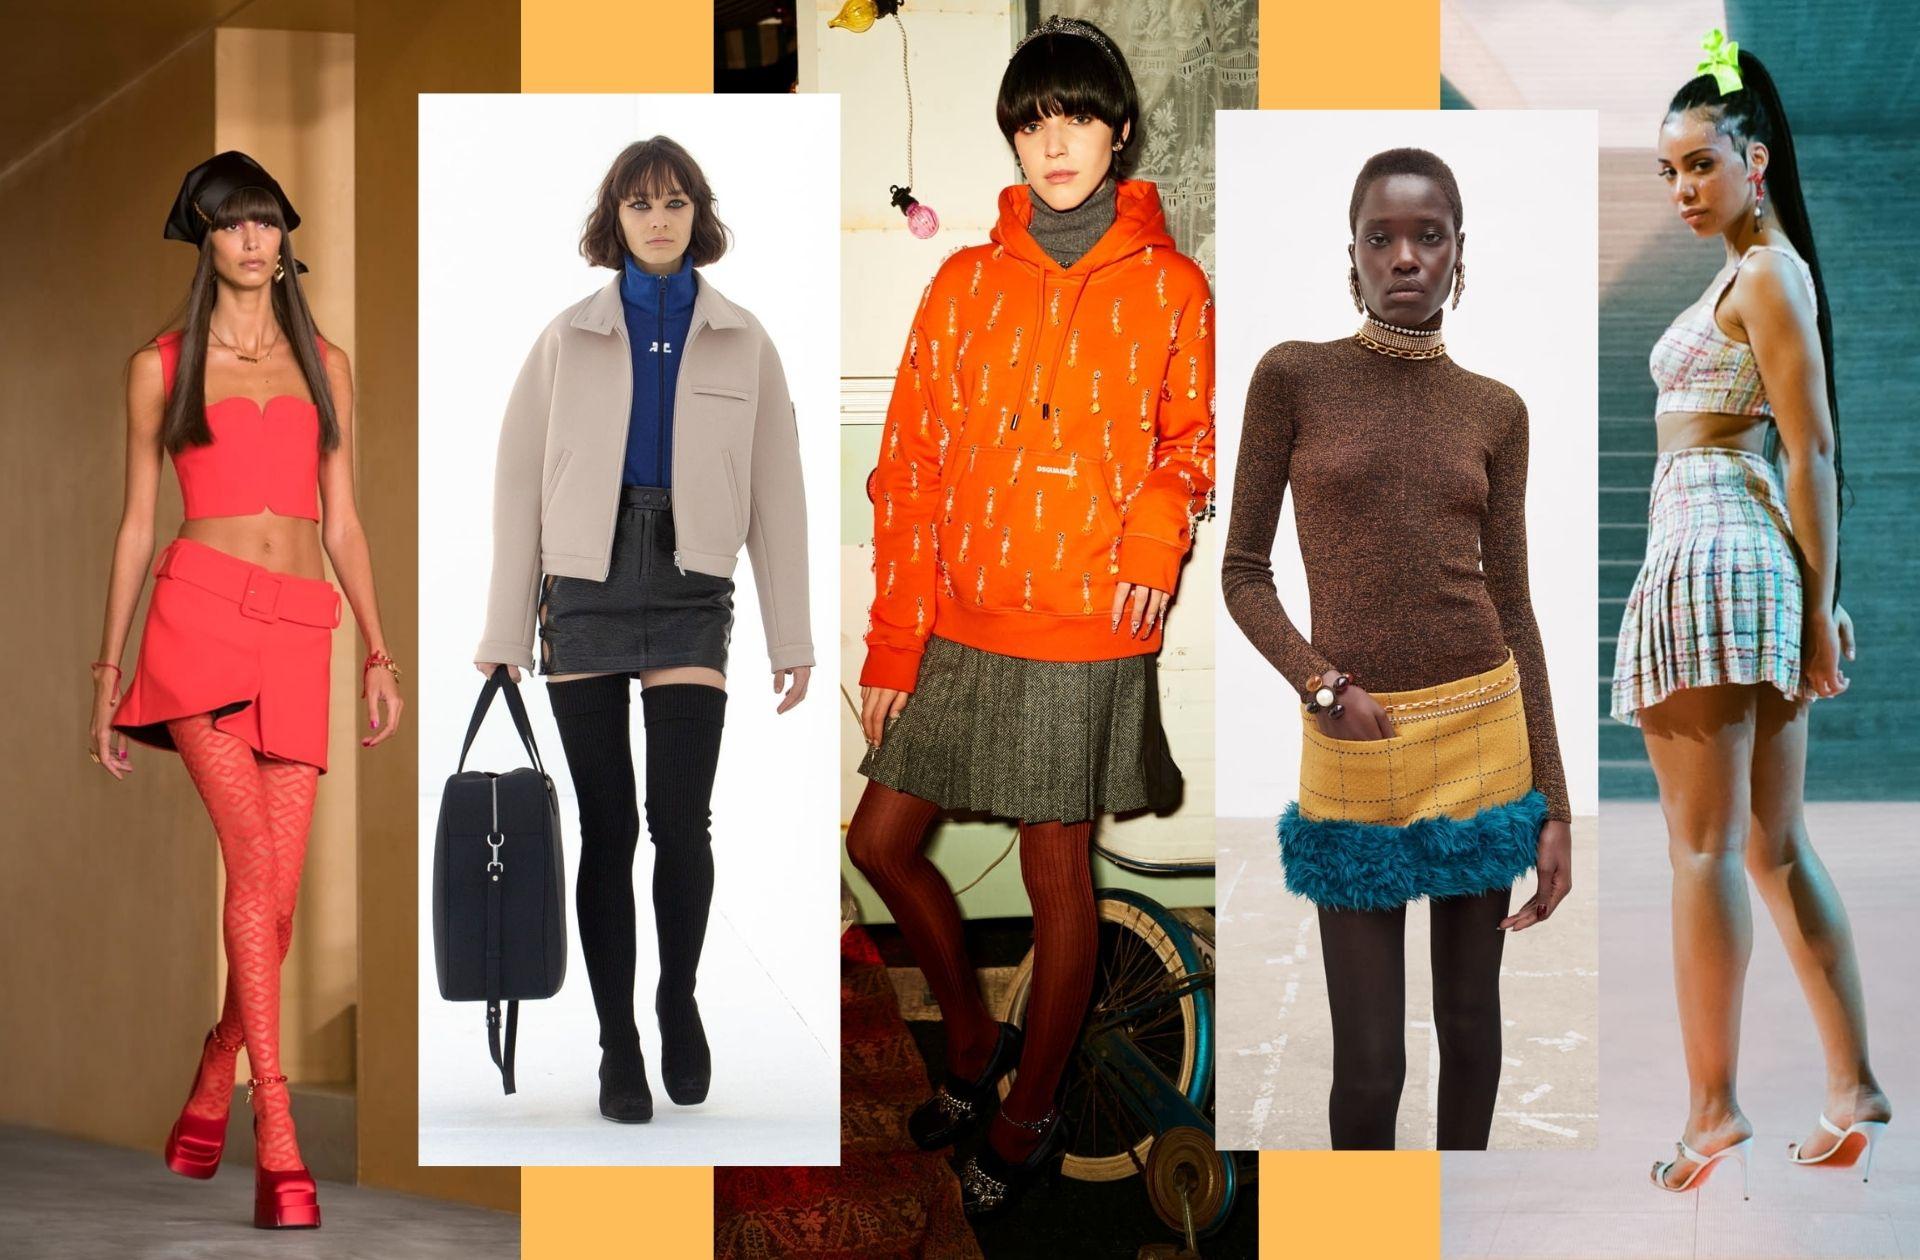 La mini-jupe sixties aperçue chez Versace, Courrèges, Dsquared2, Saint Laurent, ou encore Lecourt Mansion.